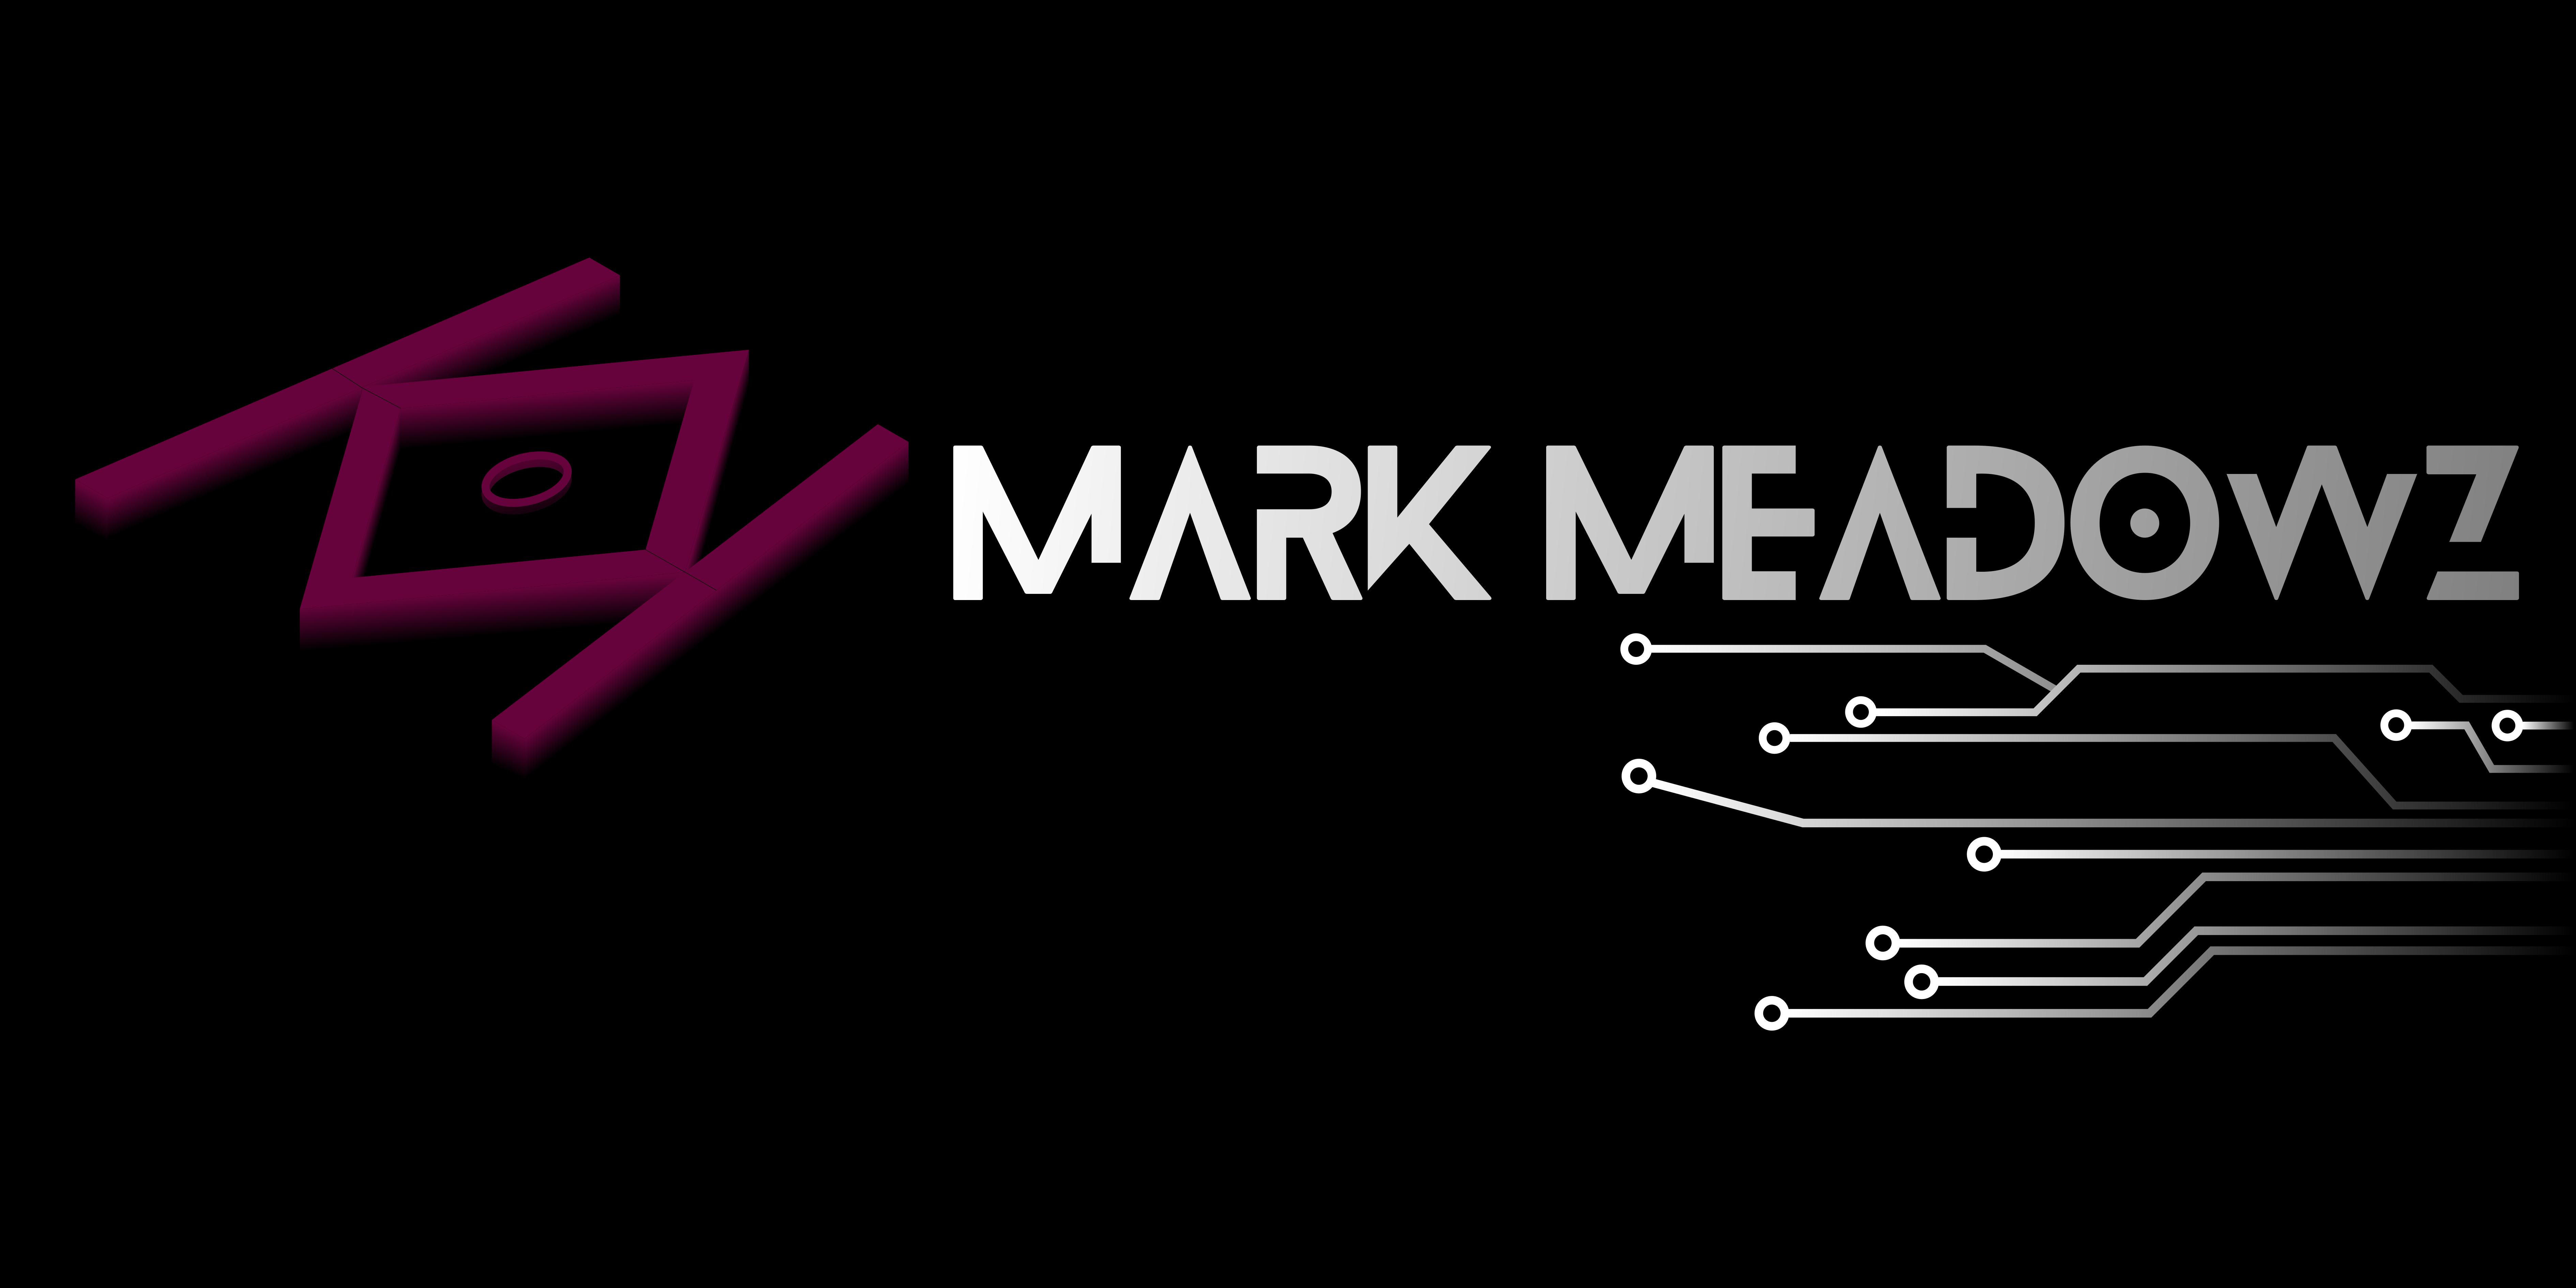 MARK MEADOWZ